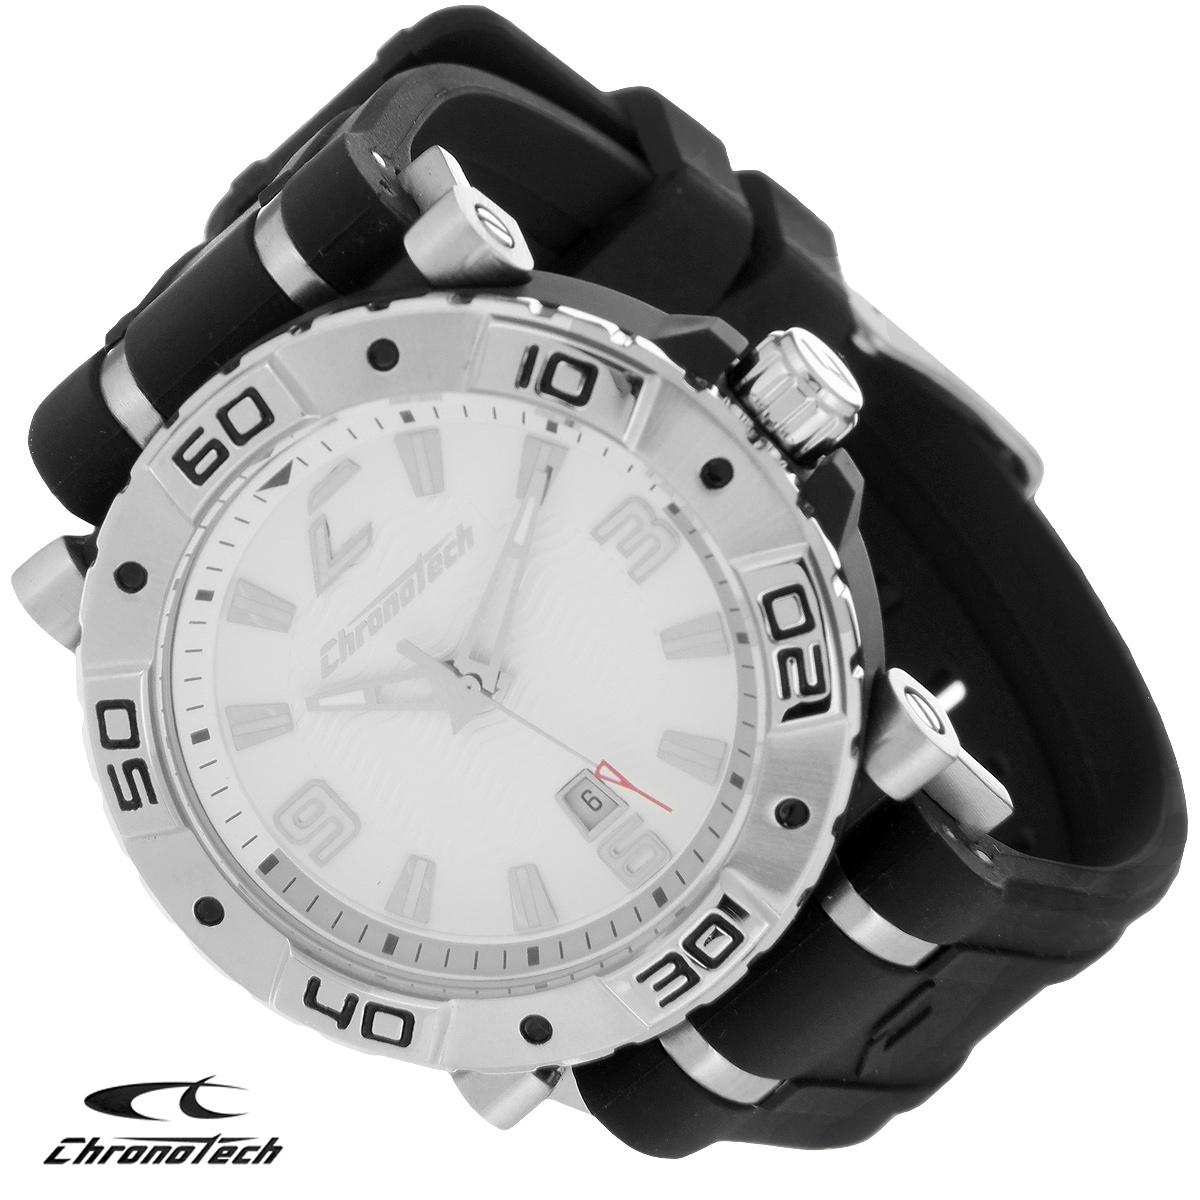 Часы мужские наручные Chronotech, цвет: черный, серебристый. RW0038BP-001 BKЧасы Chronotech - это часы для современных и стильных людей, которые стремятся выделиться из толпы и подчеркнуть свою индивидуальность. Корпус часов выполнен из нержавеющей стали. Циферблат оформлен отметками и арабскими цифрами и защищен минеральным стеклом. Часы имеют три стрелки - часовую, минутную и секундную. Стрелки и отметки светятся в темноте. Часы имеют индикатор даты. Ремешок часов выполнен из каучука и застегивается на классическую застежку. Часы упакованы в фирменную коробку с логотипом компании Chronotech. Такой аксессуар добавит вашему образу стиля и подчеркнет безупречный вкус своего владельца.Характеристики: Диаметр циферблата: 3,4 см.Размер корпуса: 4,4 см х 4 см х 1 см.Длина ремешка (с корпусом): 24,5 см.Ширина ремешка: 2,5 см.